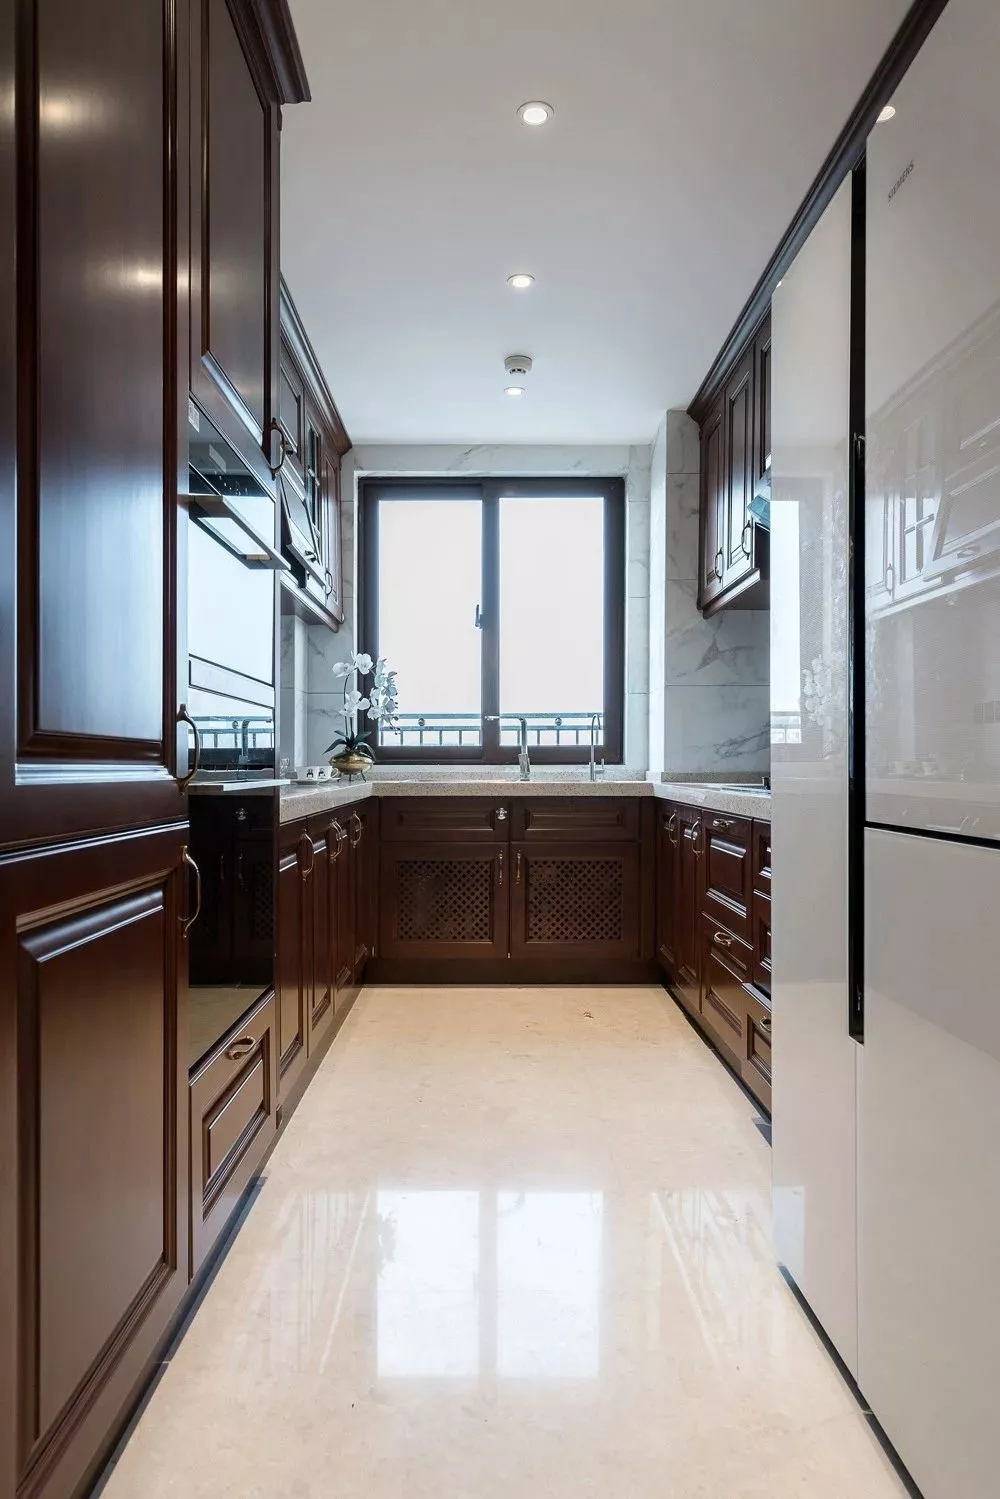 厨房采用了欧式实木柜,从整体到局部都给人满满的华丽高贵之感;阳光透过窗户,整个空间非常敞亮。